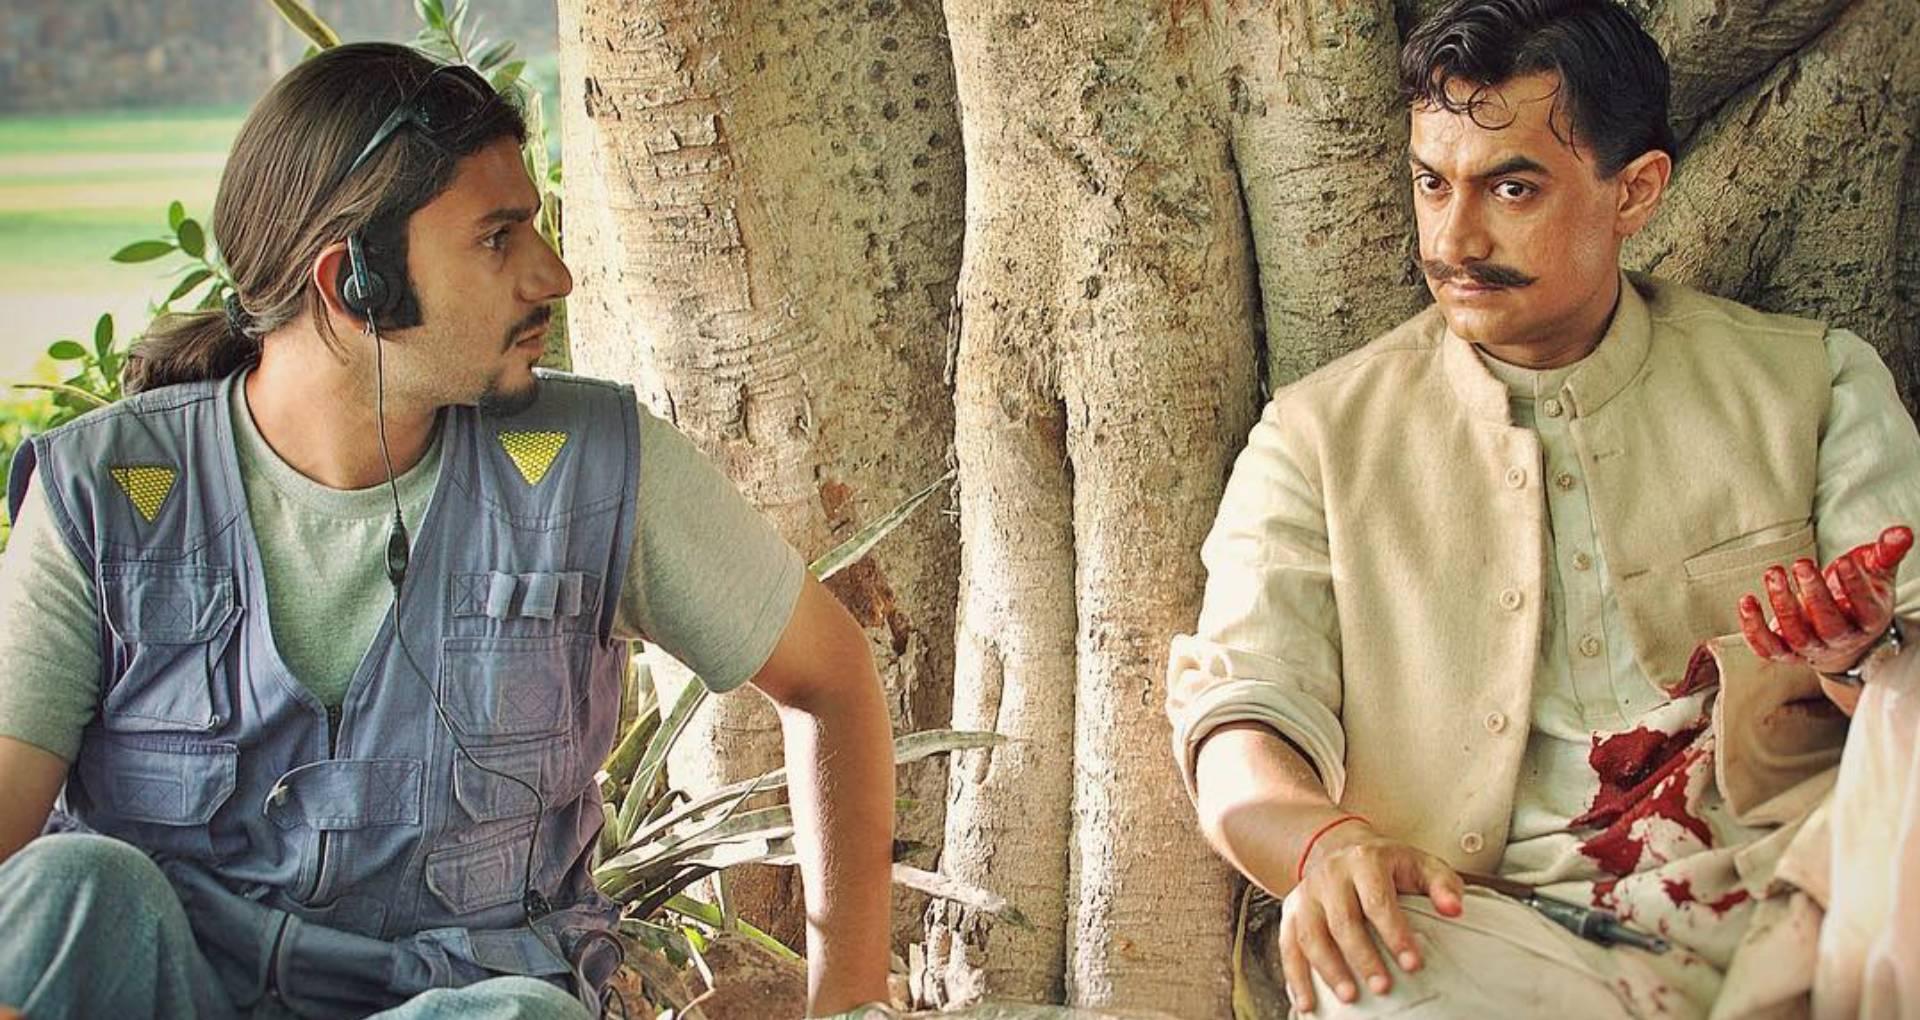 आमिर खान ने शेयर की 'मेड इन हेवन' एक्टर की फोटो, बताया फिल्म रंग दे बसंती से ये था कनेक्शन